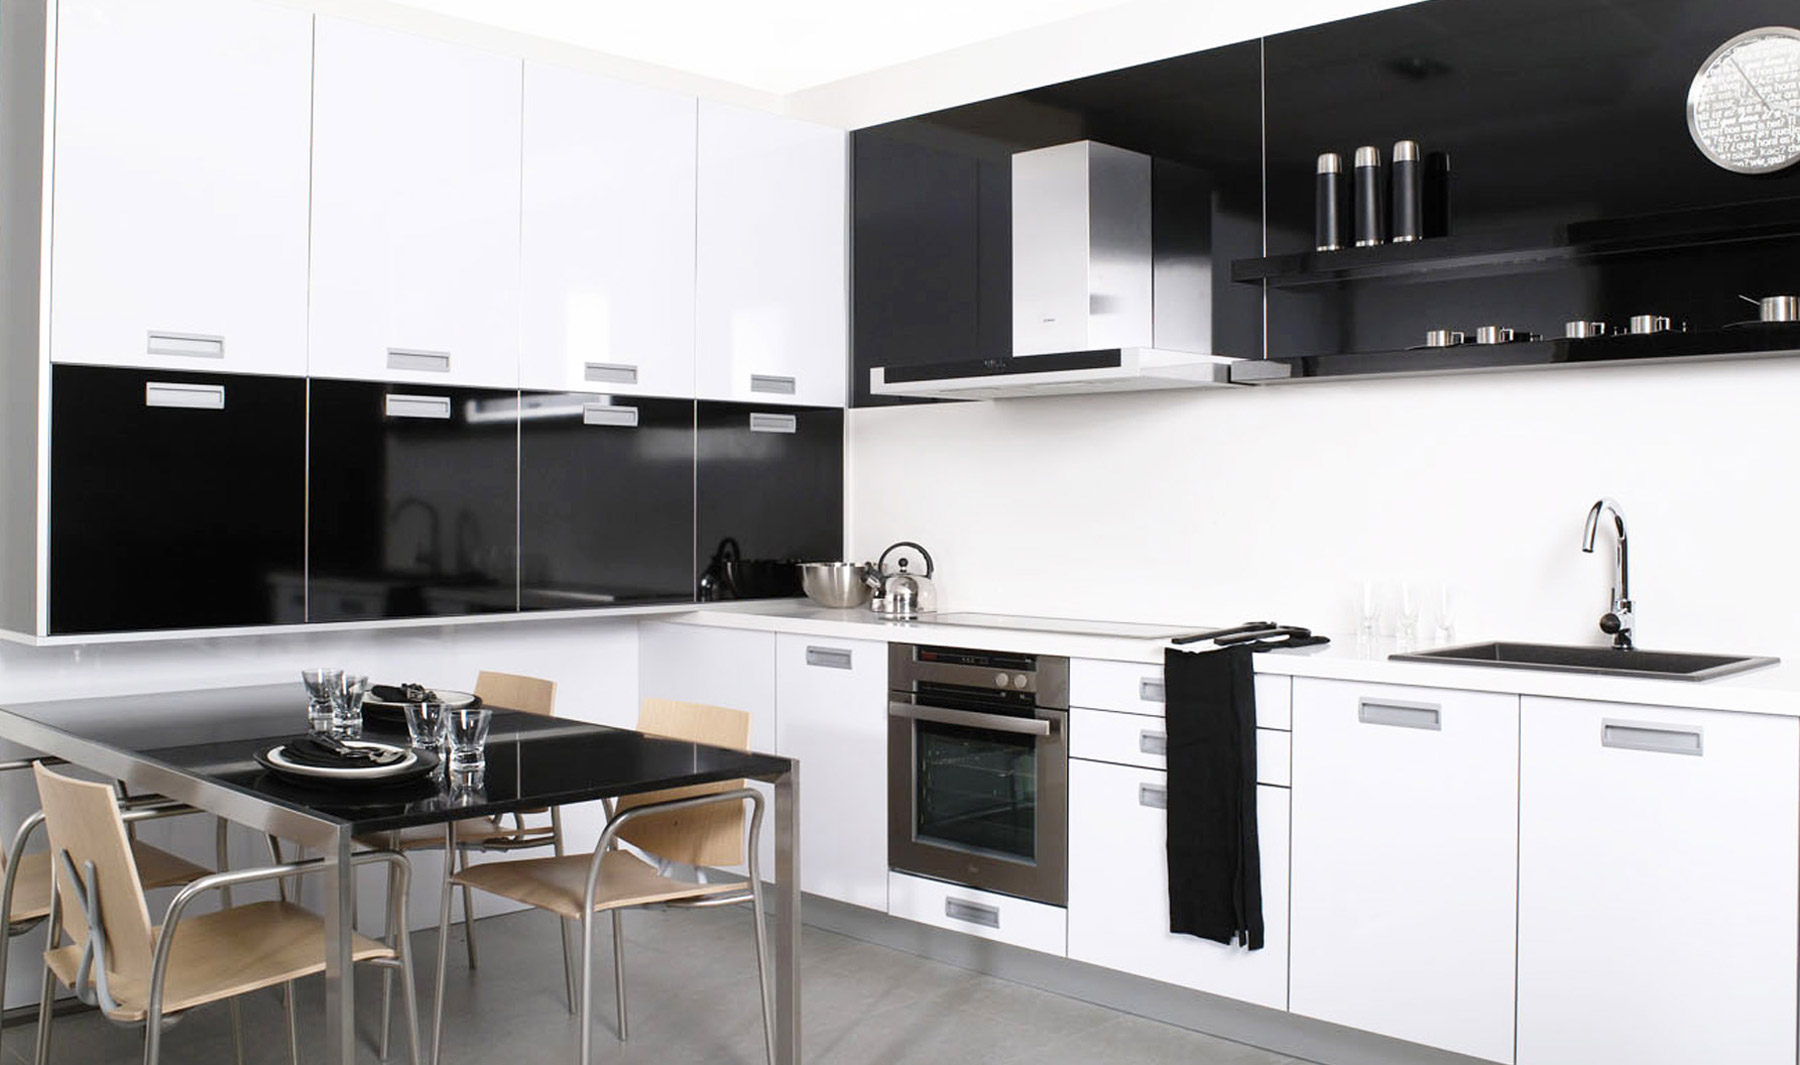 Dise os de cocinas integrales para espacios peque os for Disenos de cocinas integrales para espacios pequenos